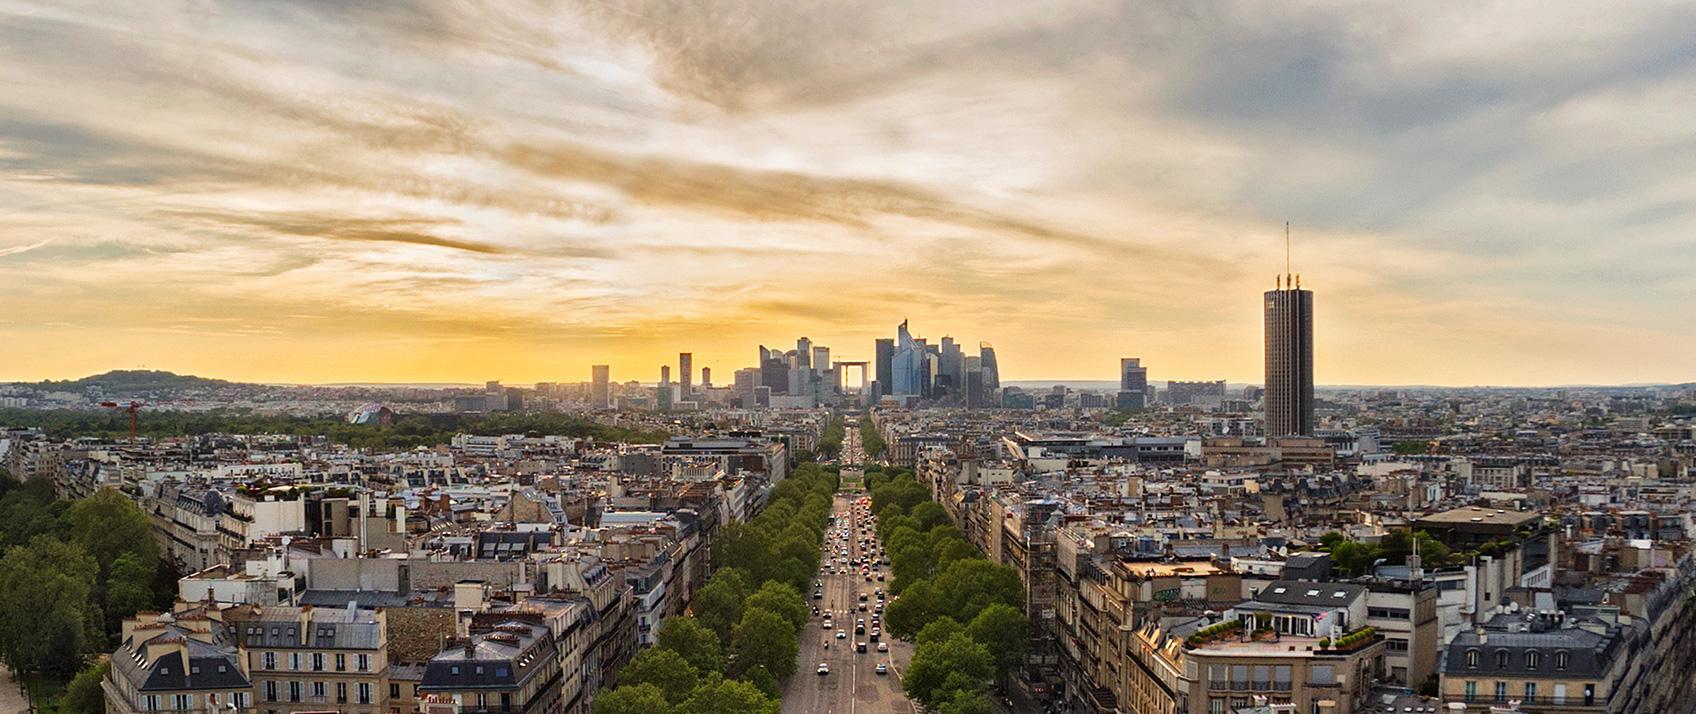 Bien-être et connectivité : les nouvelles tendances de l'immobilier responsable à La Défense !